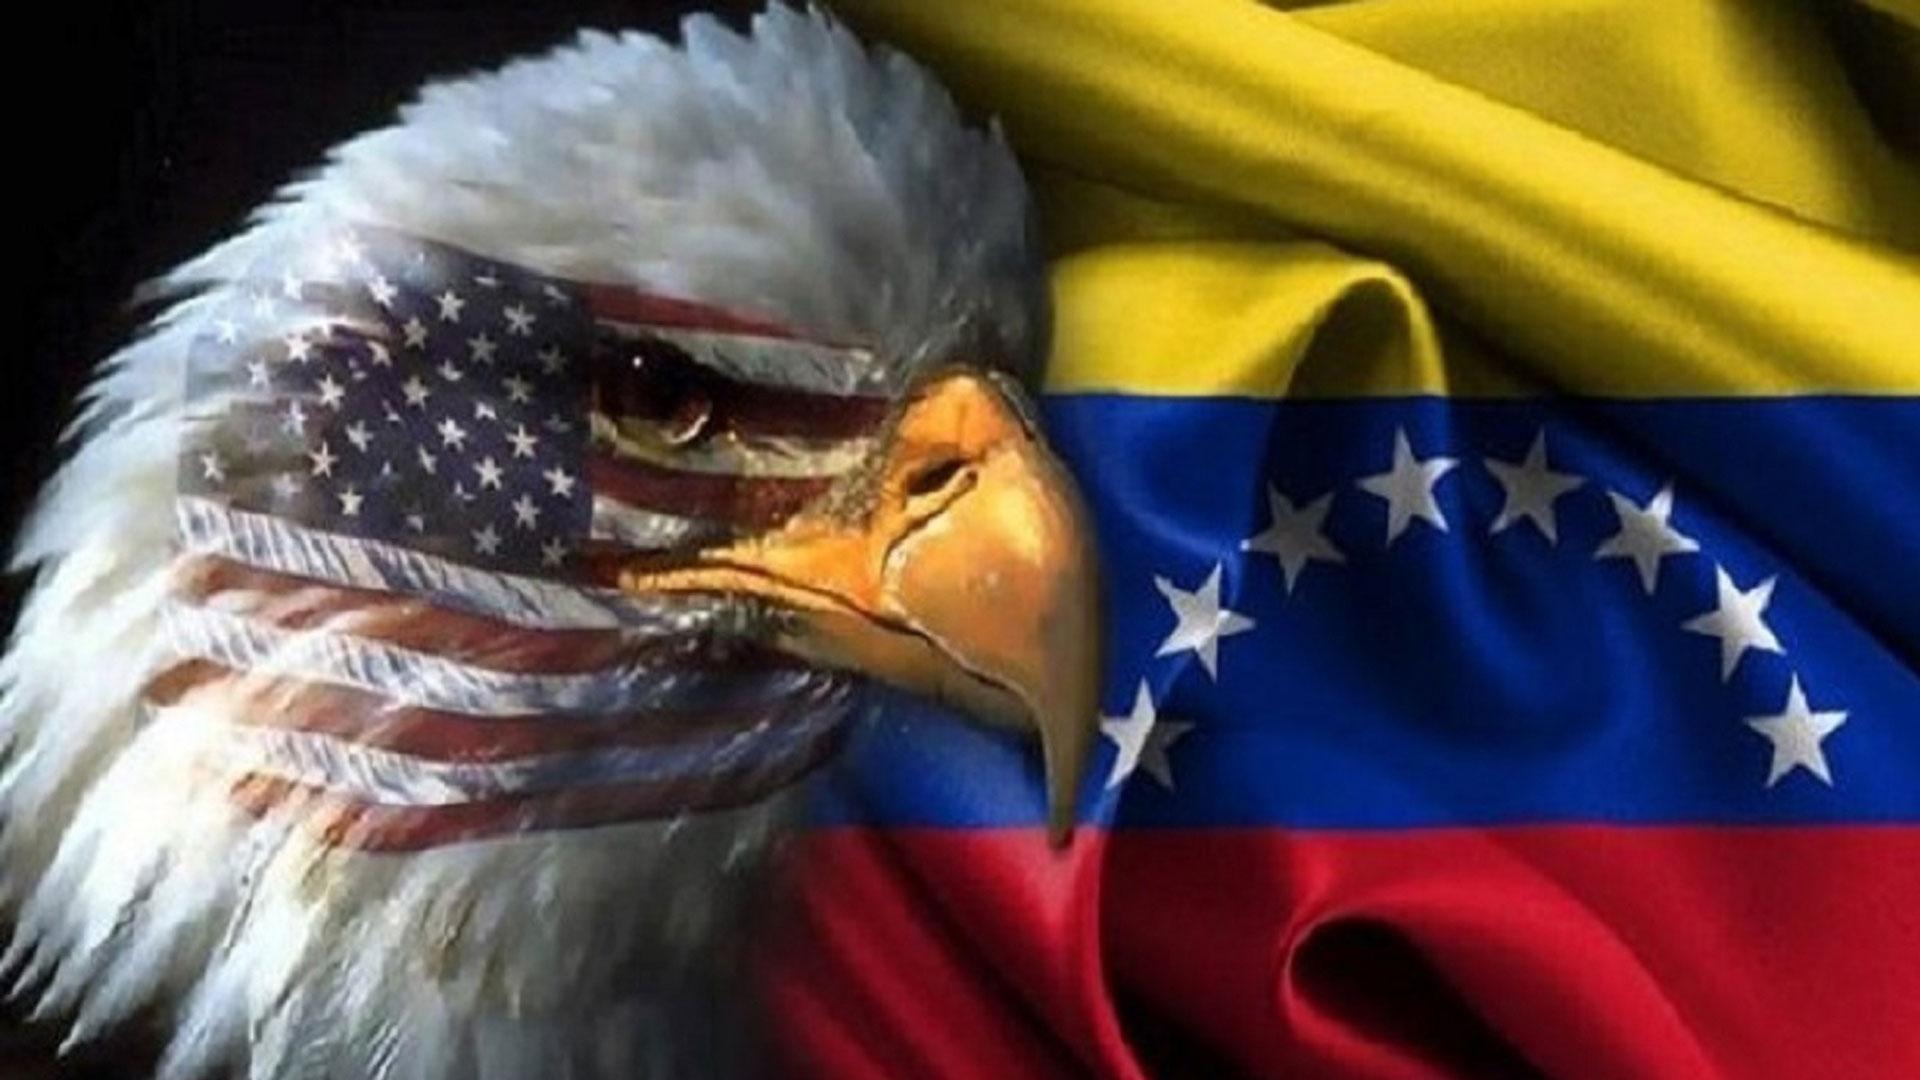 francisco ameliach eeuu guerra venezuela